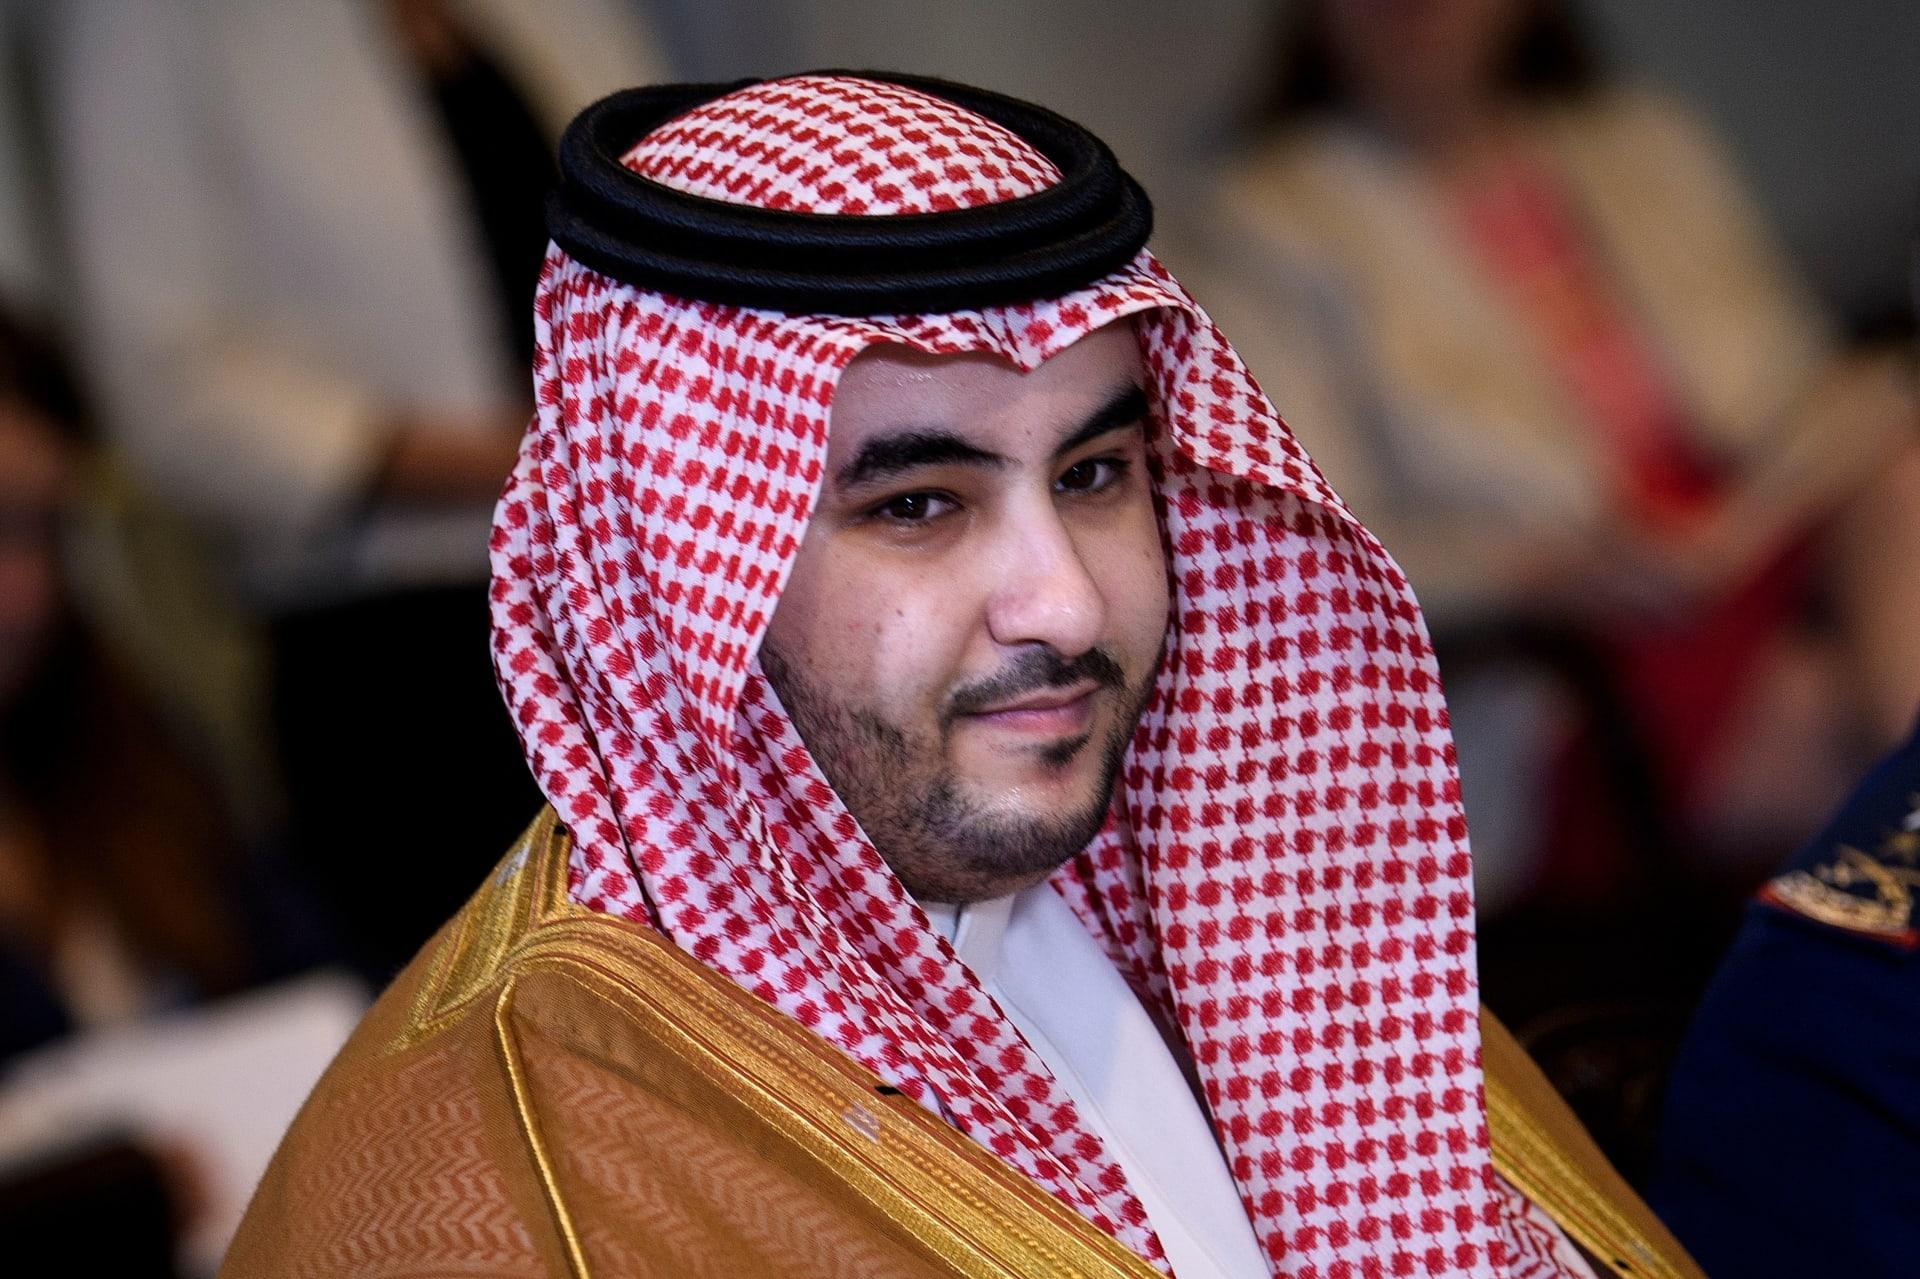 """مصدر حكومي لـCNN: نائب وزير الدفاع السعودي يلتقي بومبيو لـ""""ضبط النفس"""" بعد مقتل سليماني"""